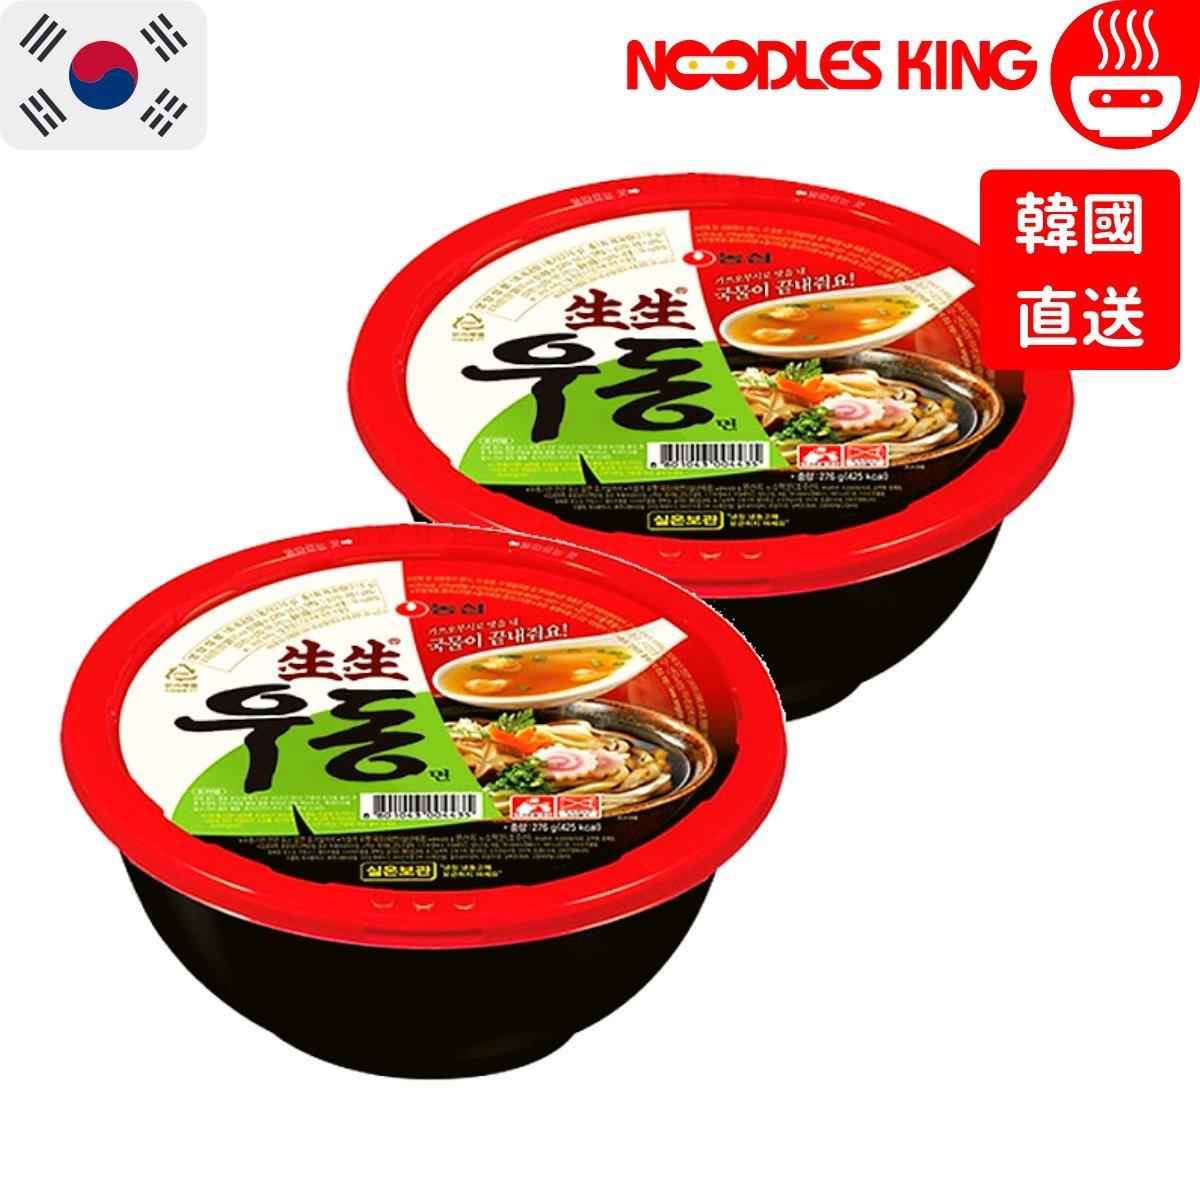 Japanese Style Udon Noodle Bowl (Korea) 276g x 2